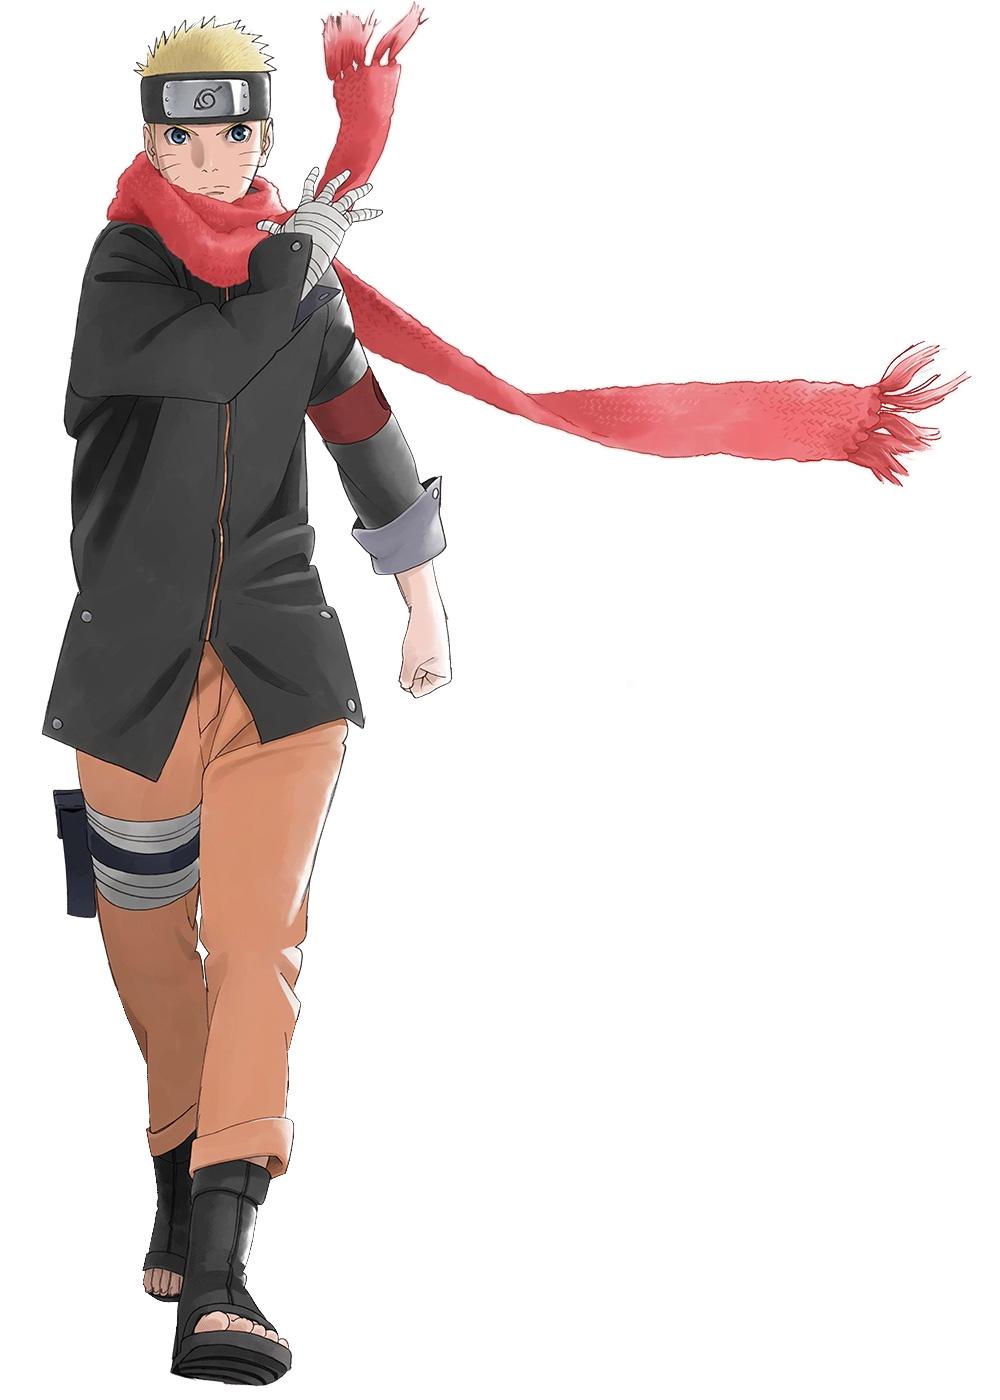 The-Last--Naruto-the-Movie-Character-Design Naruto-Uzimaki_Haruhichan.com